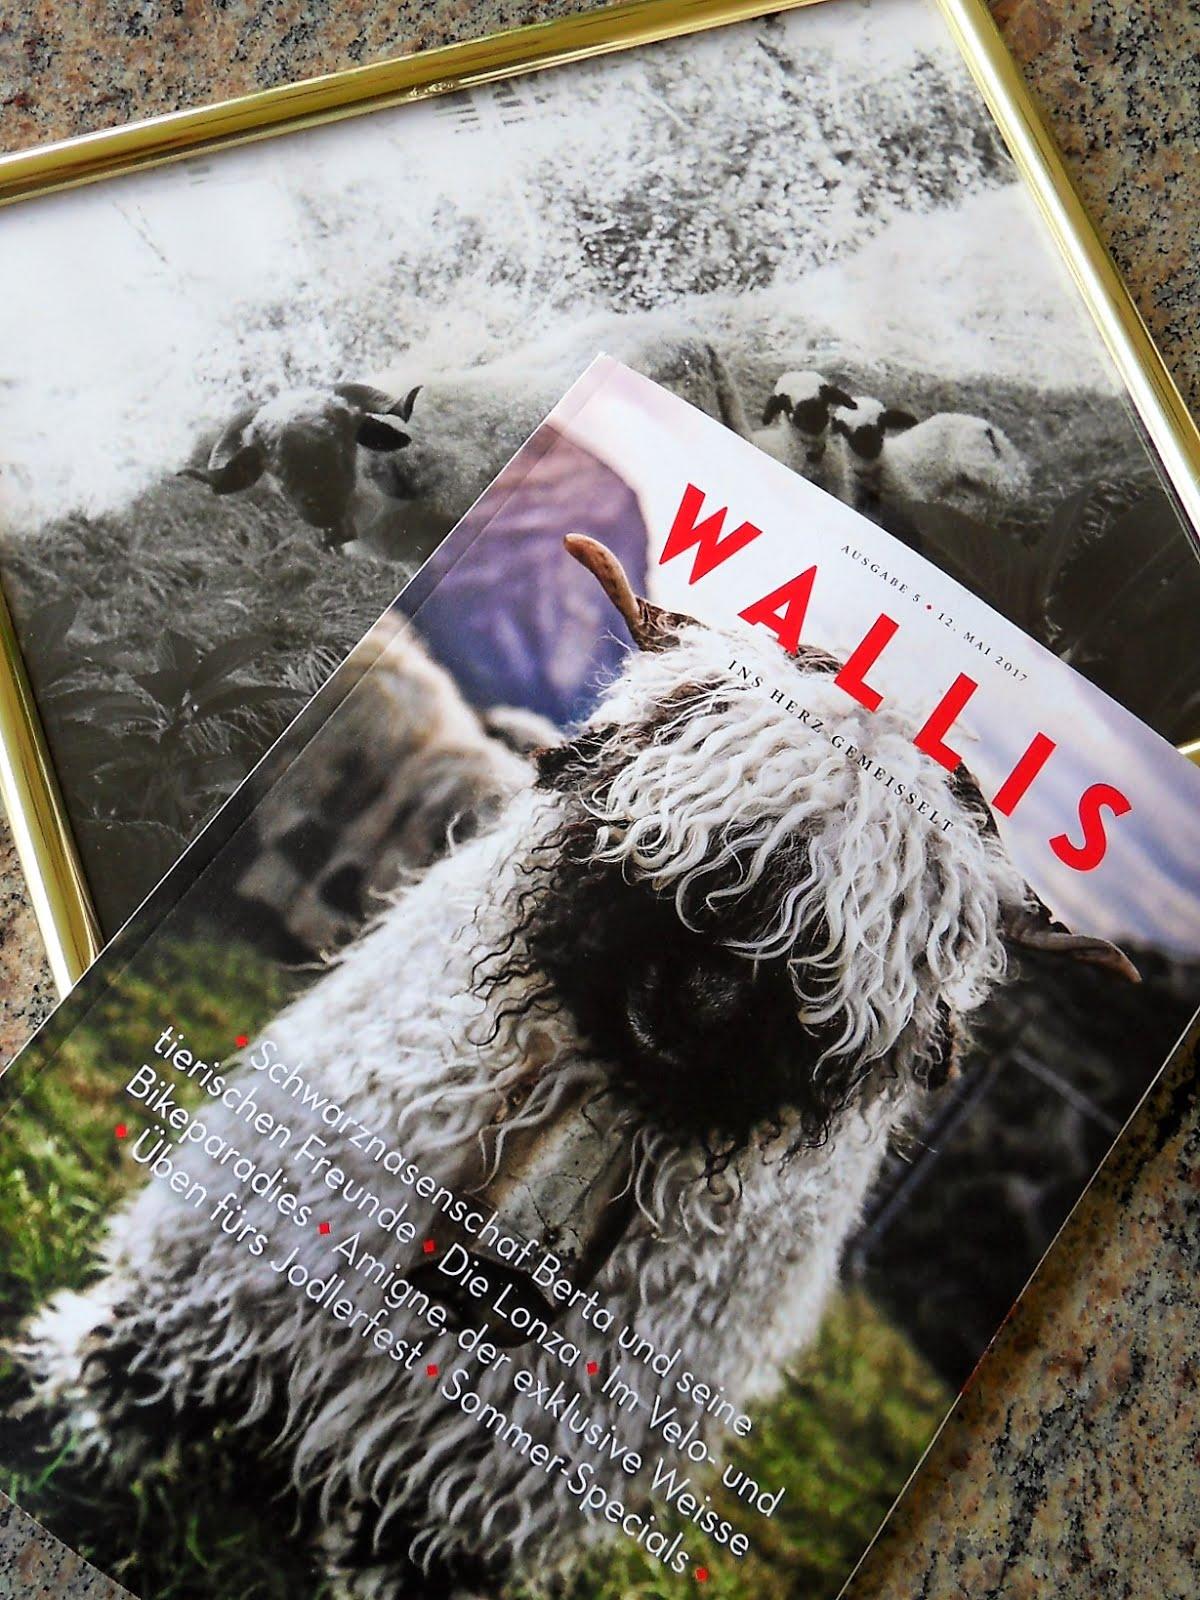 Mit einem Klick aufs Bild bist du im Wallis bei den Schwarznasenschafen.